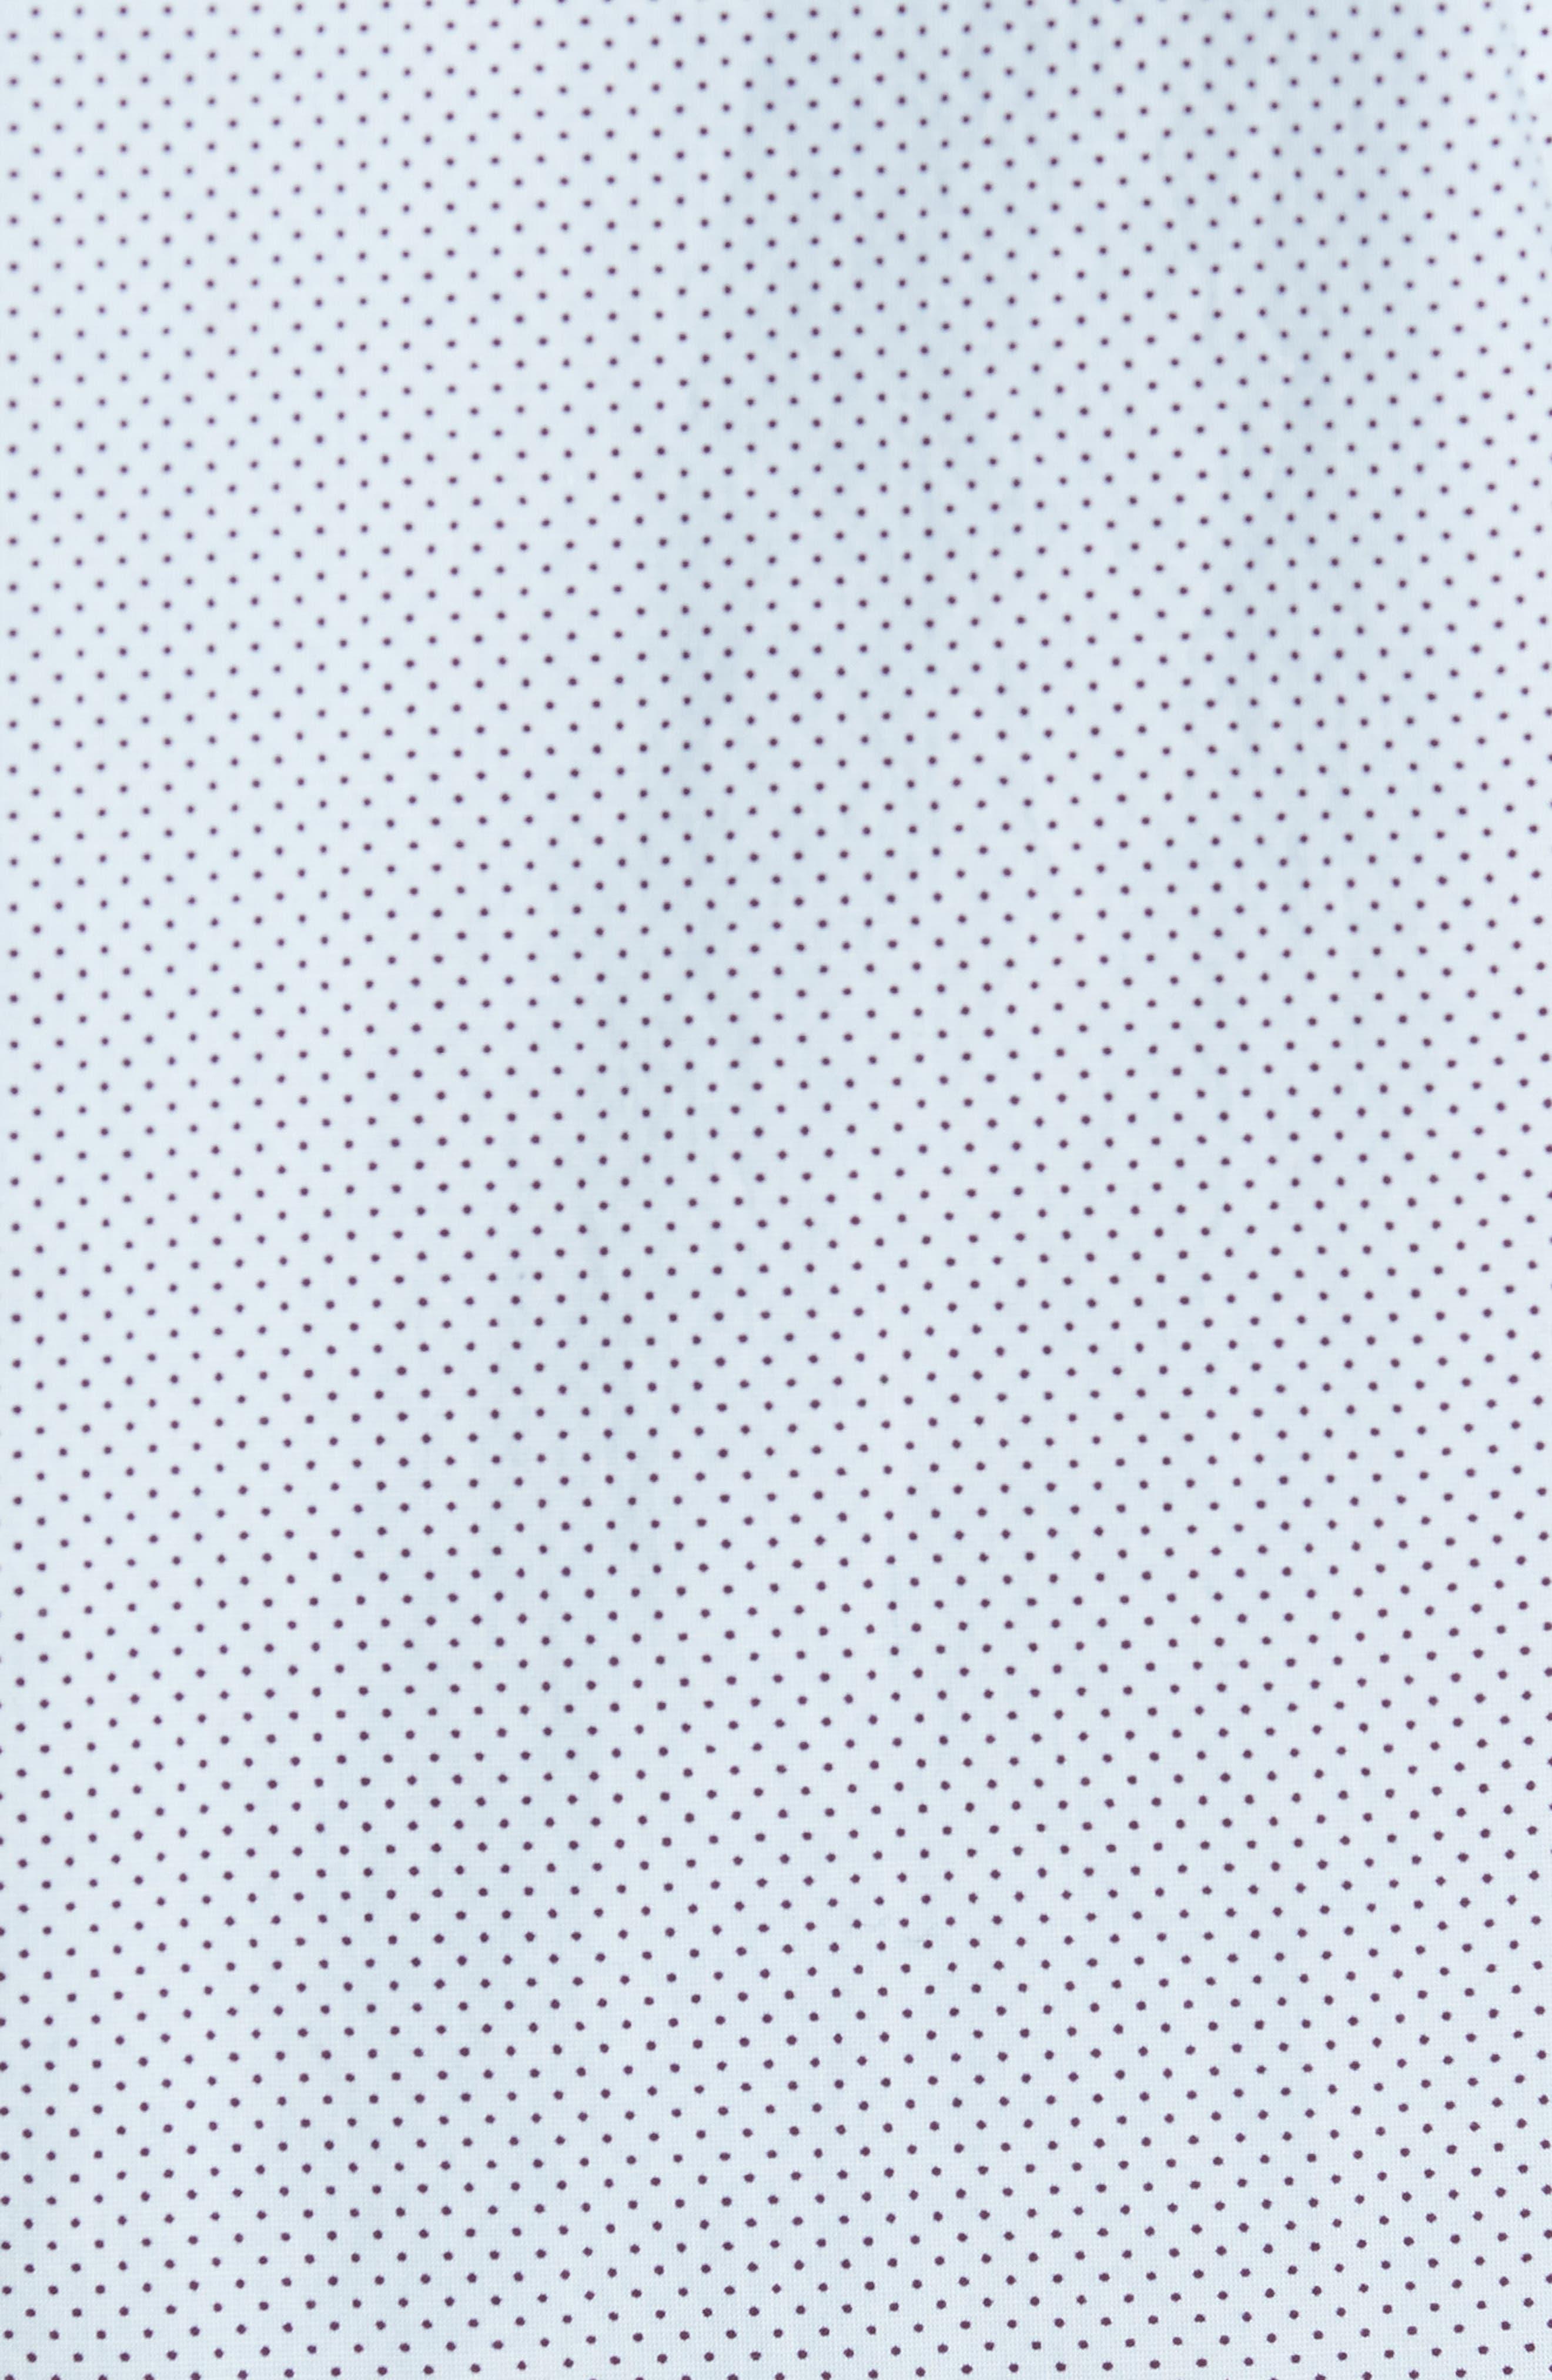 Slim Fit Dot Print Sport Shirt,                             Alternate thumbnail 5, color,                             Cannes Blue Fine Dots